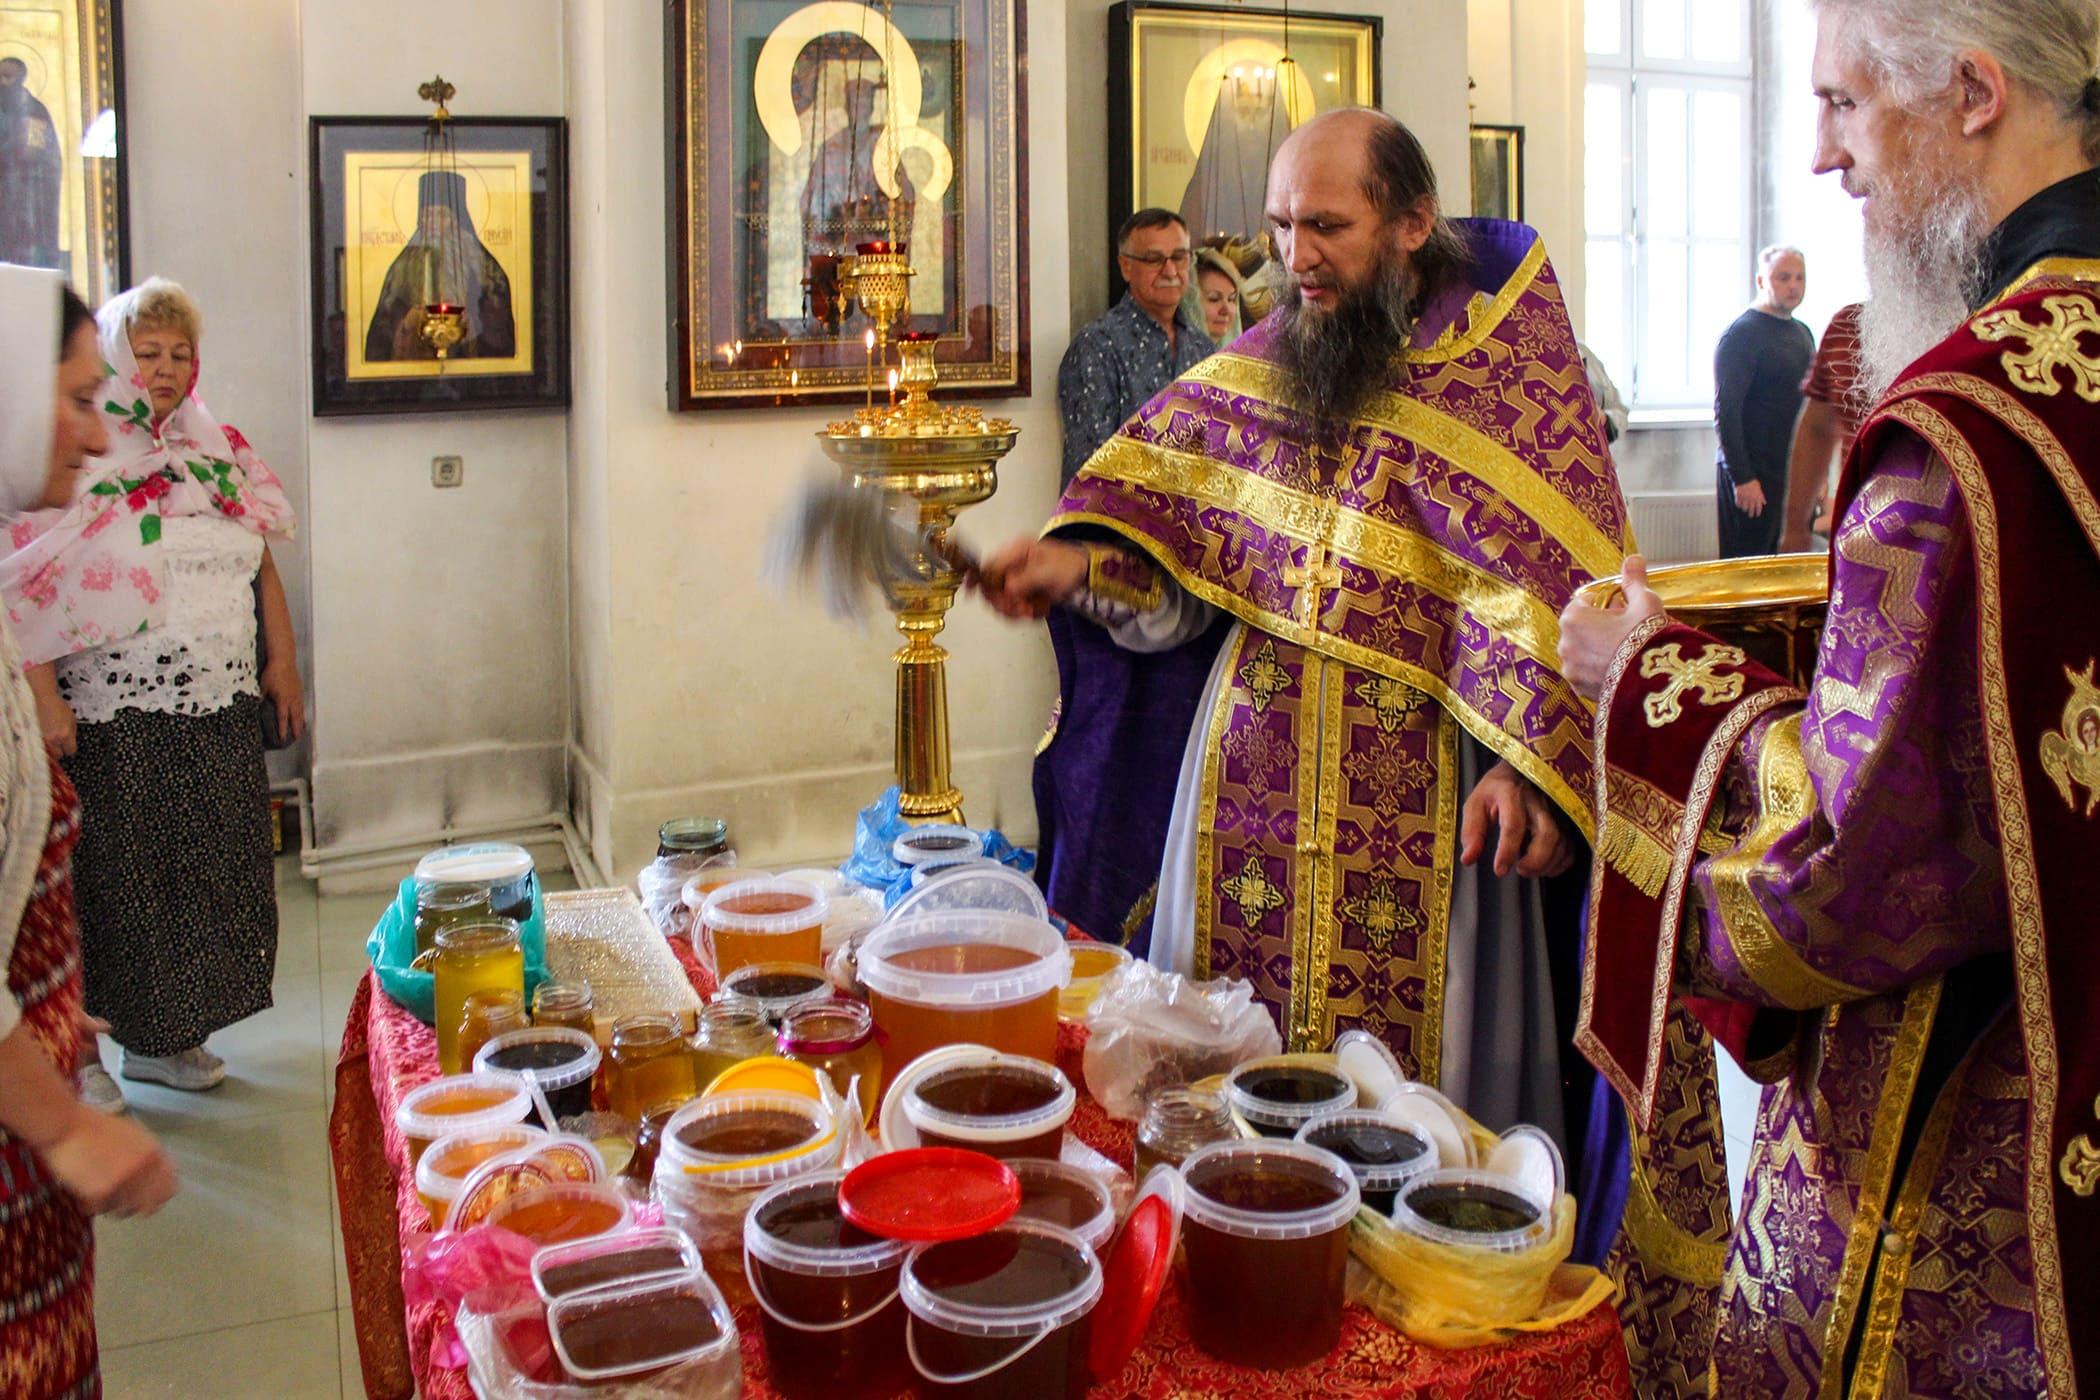 «Спасительному древу поклонимся, Кресту пресвятому, емуже служат ангельская вся воинства, предлежащ видяще, вернии, источающ нам освящение и жизнь». В Нило-Столобенском монастыре поклонились Честному и Животворящему Кресту 8